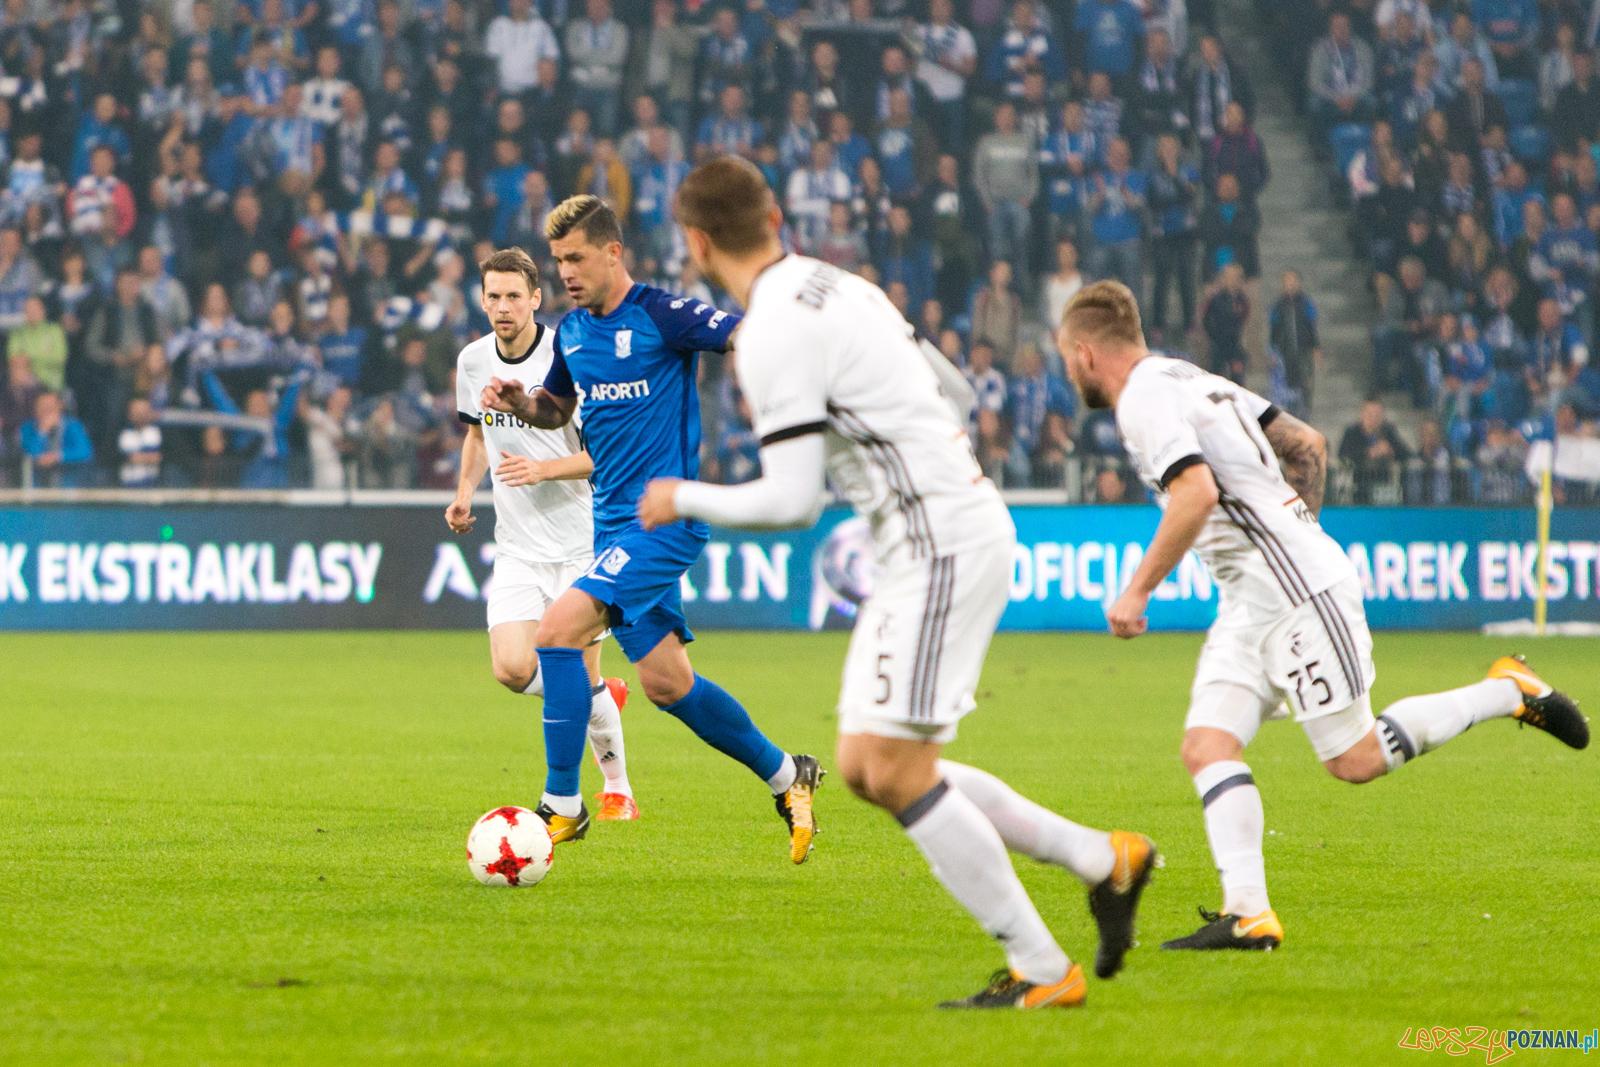 11. kolejka Ekstraklasy - Lech Poznań - Legia Warszawa  Foto: lepszyPOZNAN.pl/Piotr Rychter